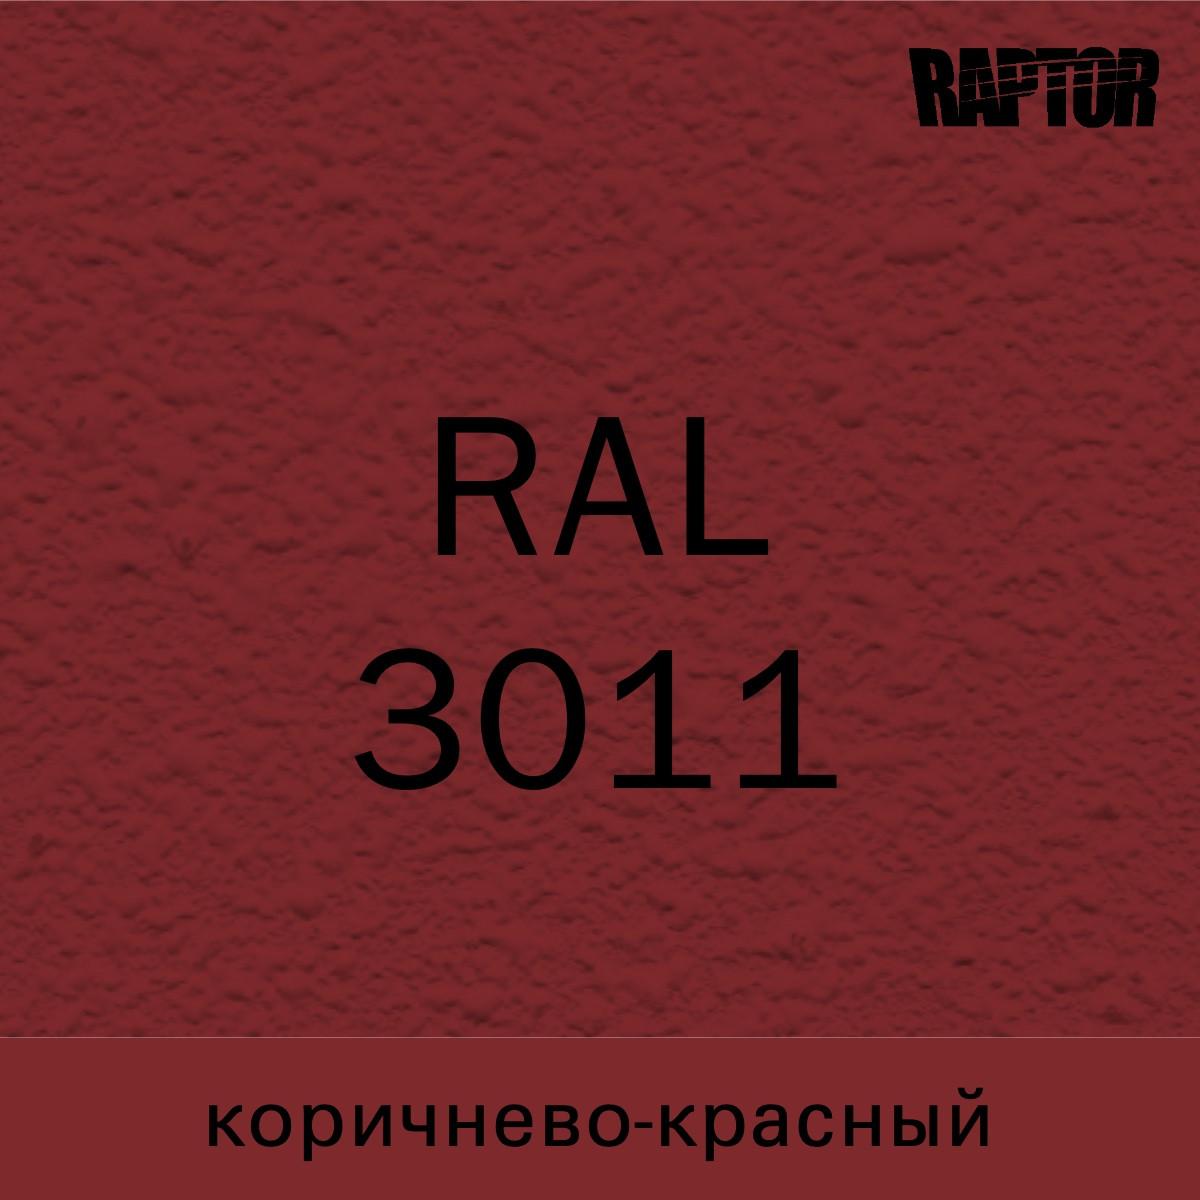 Пигмент для колеровки покрытия RAPTOR™ Коричнево-красный (RAL 3011)